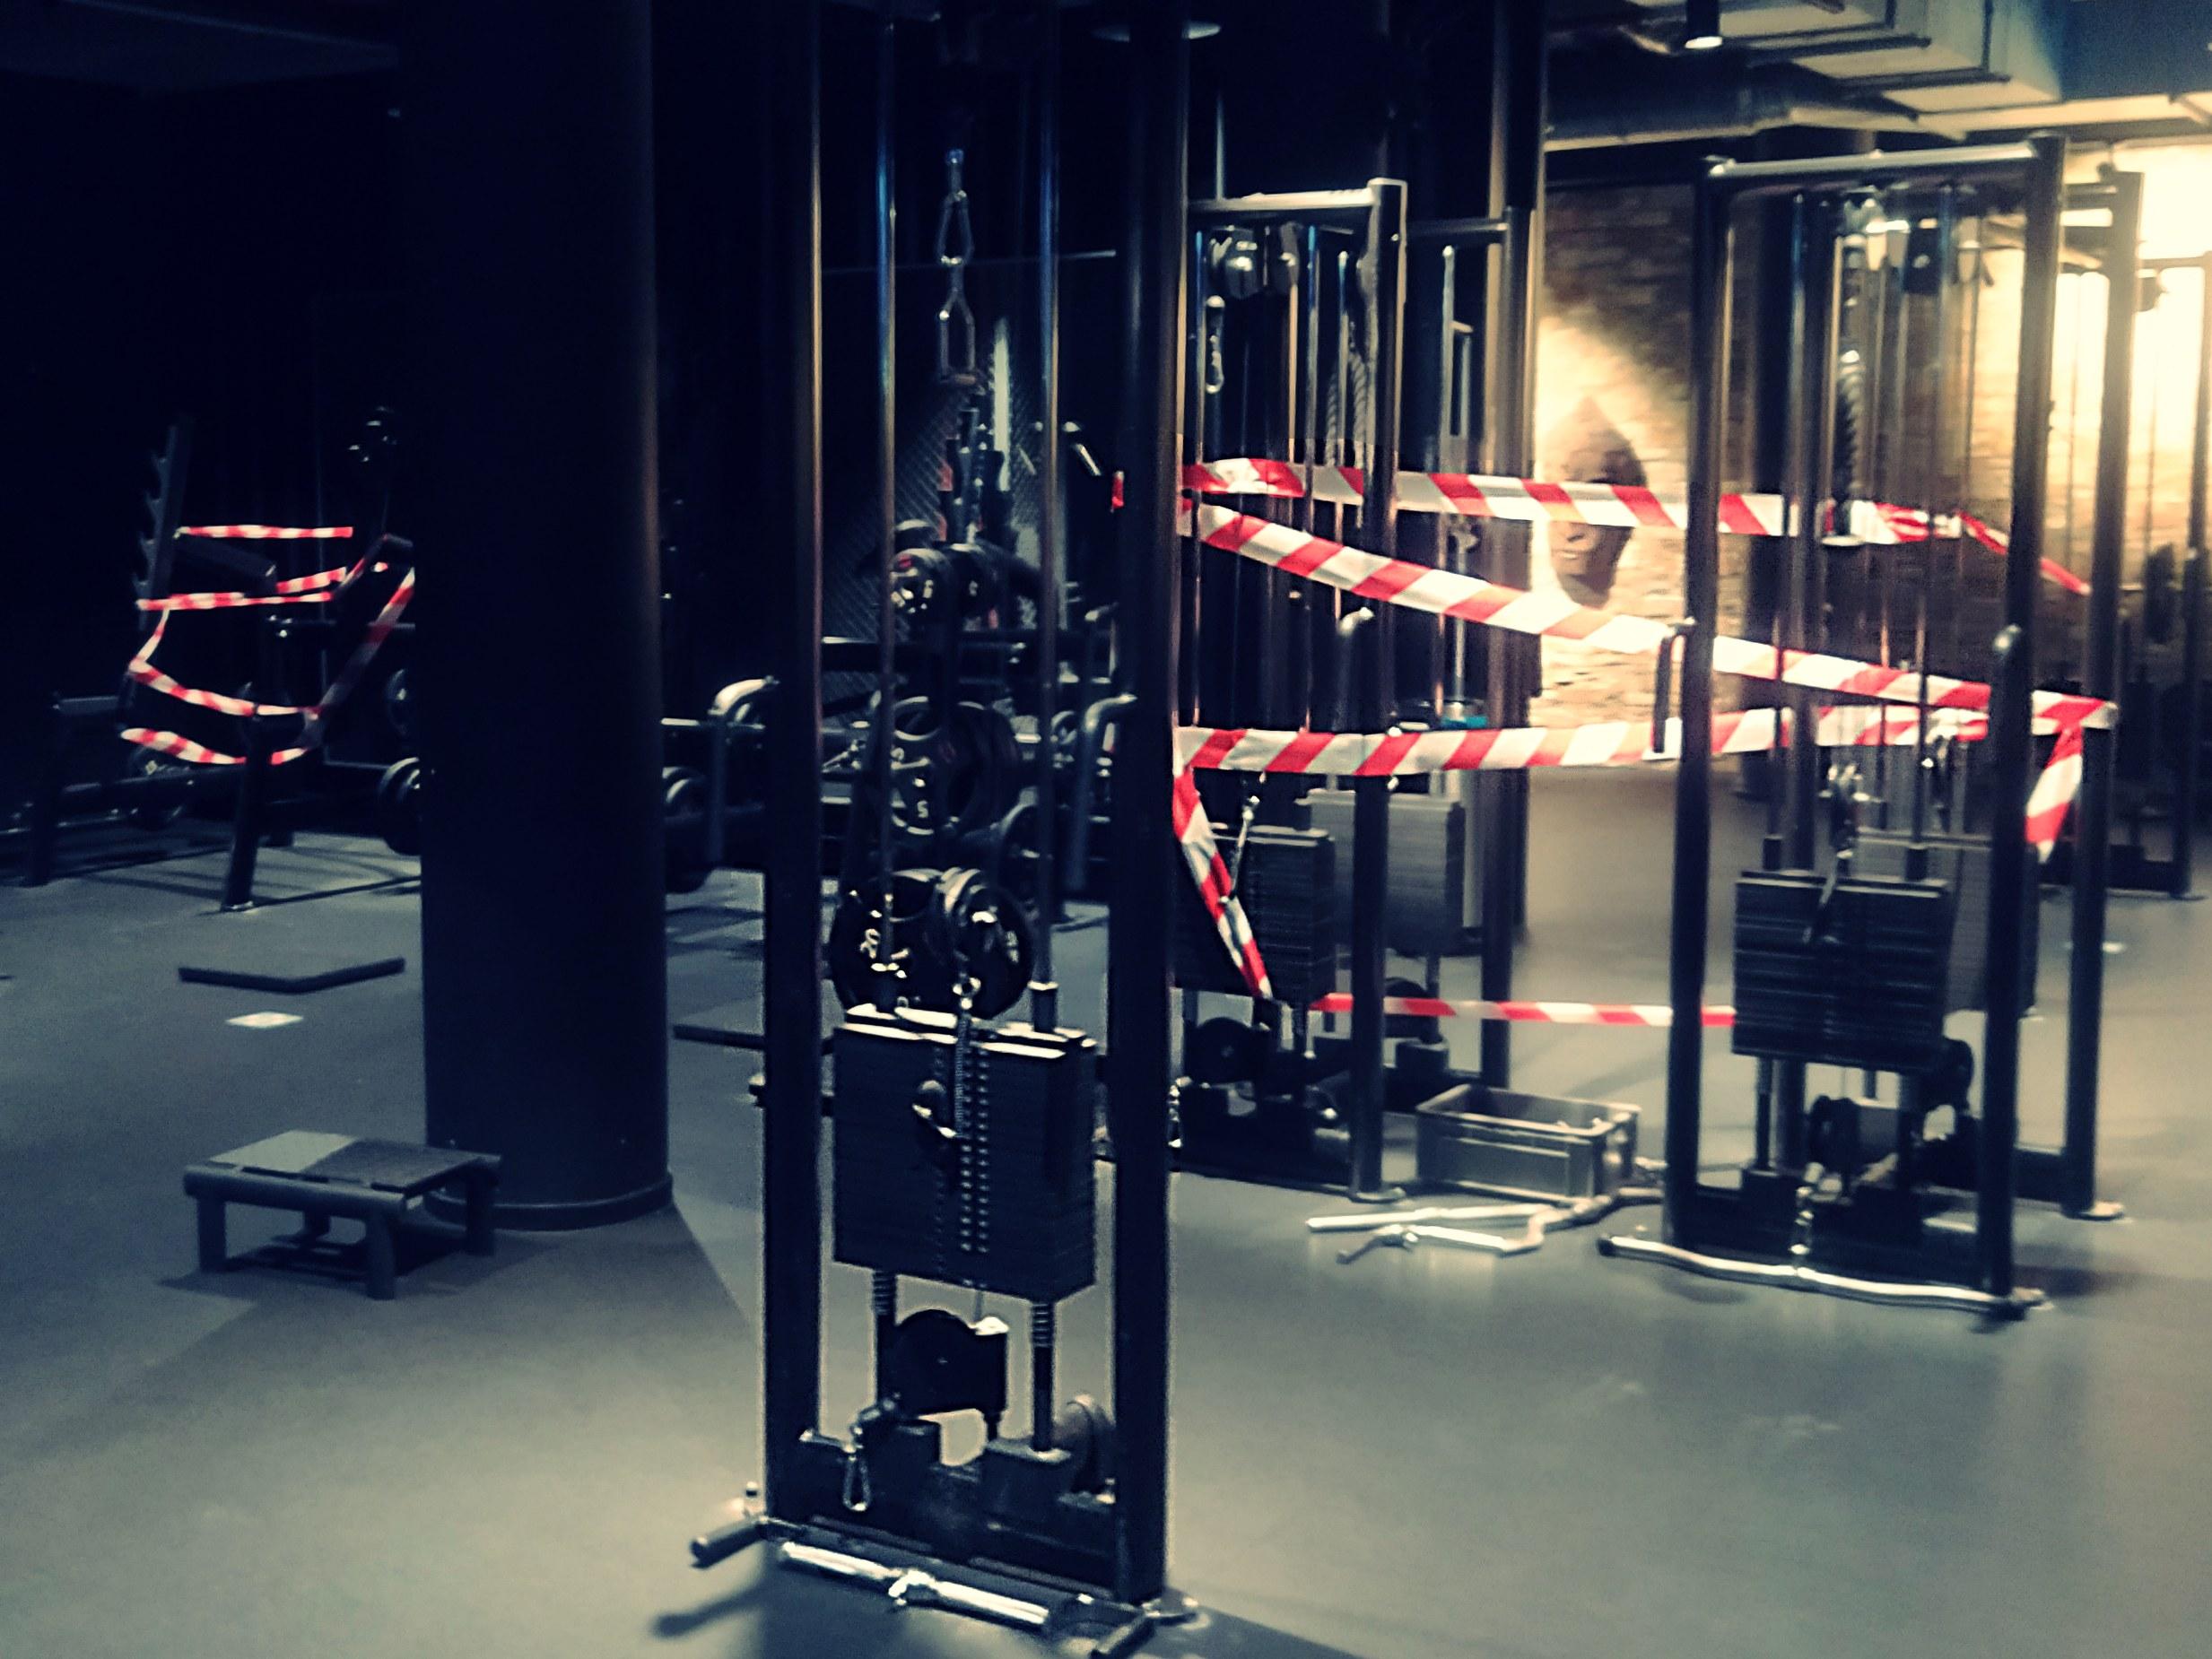 Dlaczego siłownie są zamknięte?